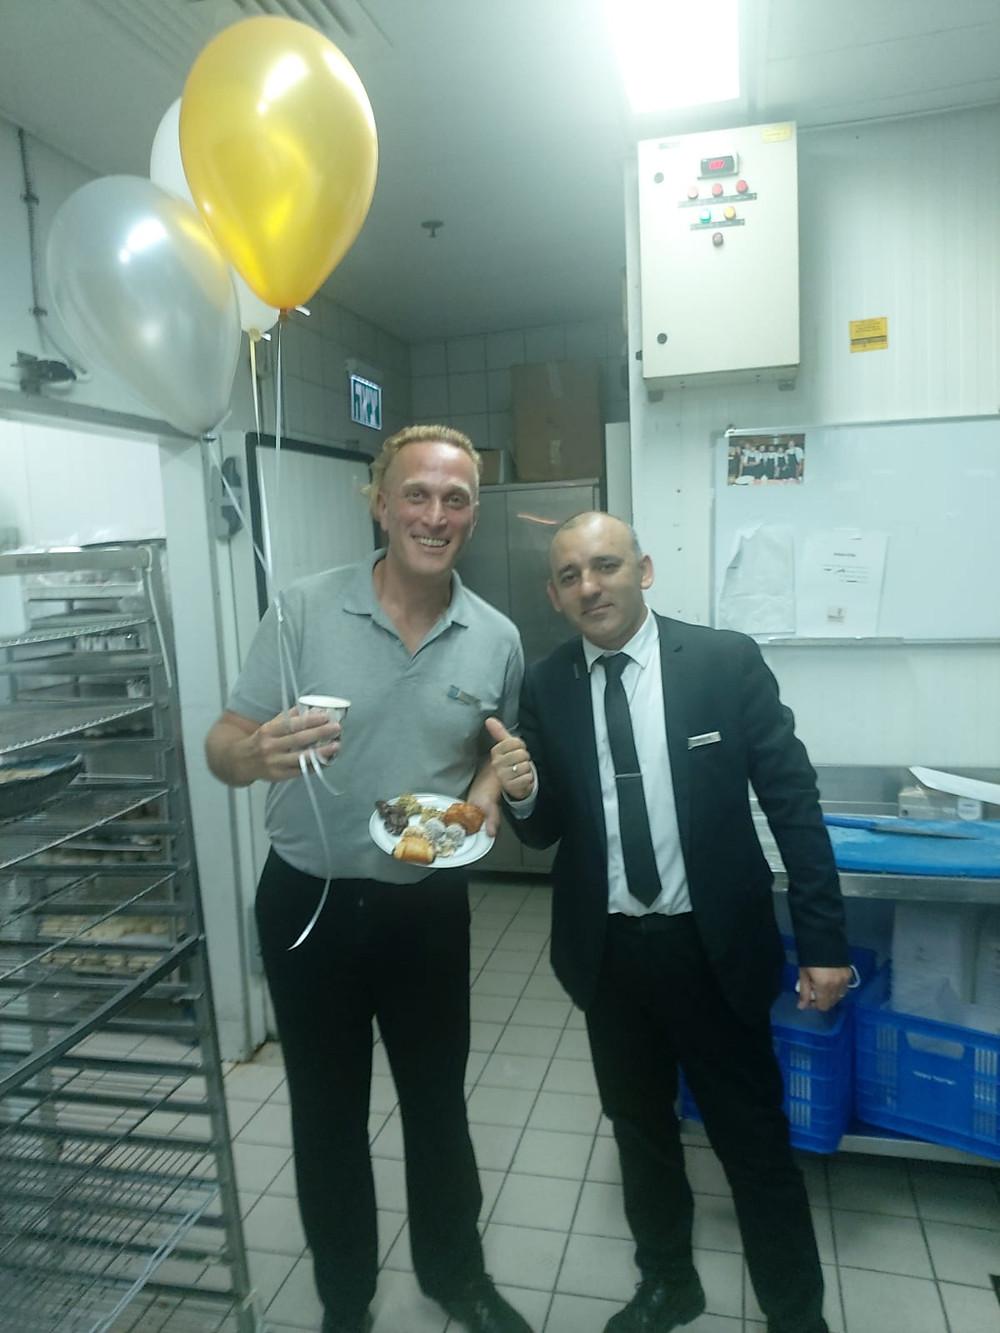 Javo en su primer cumpleaños en Israel, junto al Sr. Misha, Jefe del Servicio de Desayuno del Hotel Royal Beach. Año 2021. Foto: cedida por el entrevistado.